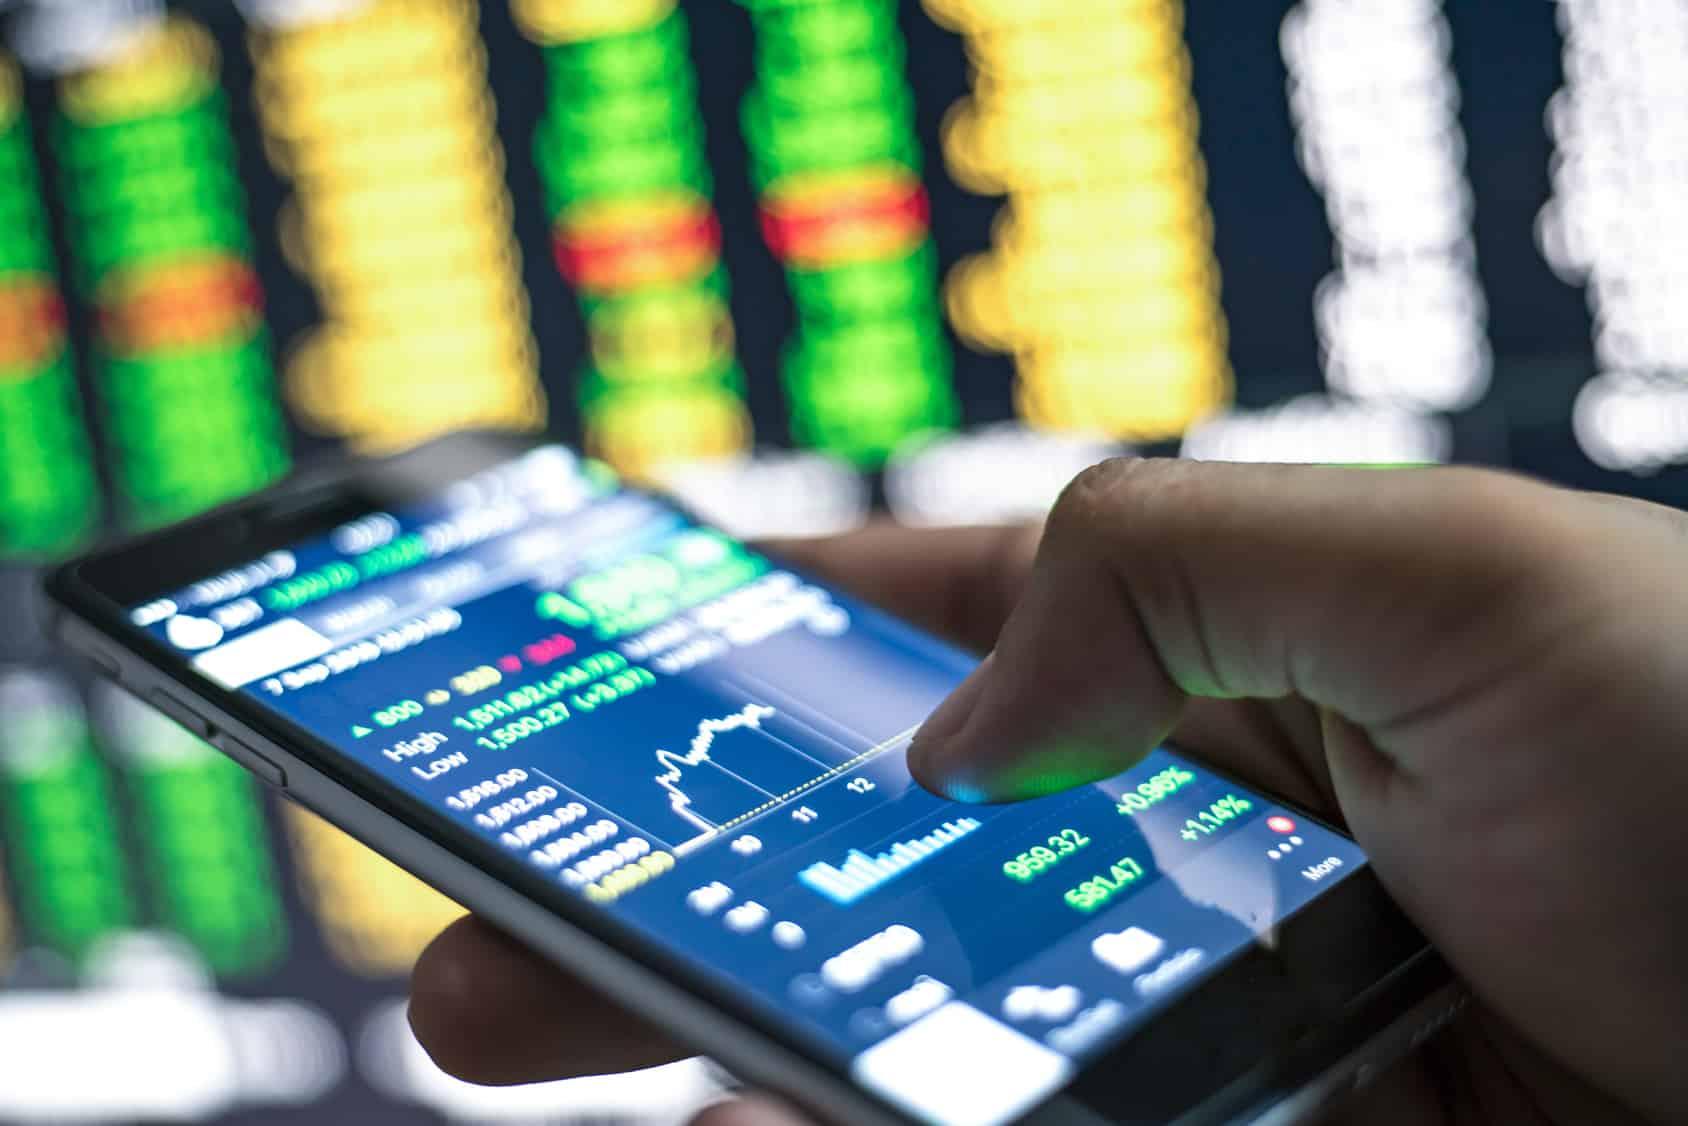 La semana pasada, el IFT, decidió las tarifas para conectarse entre empresas telefónicas, la llamada interconexión.